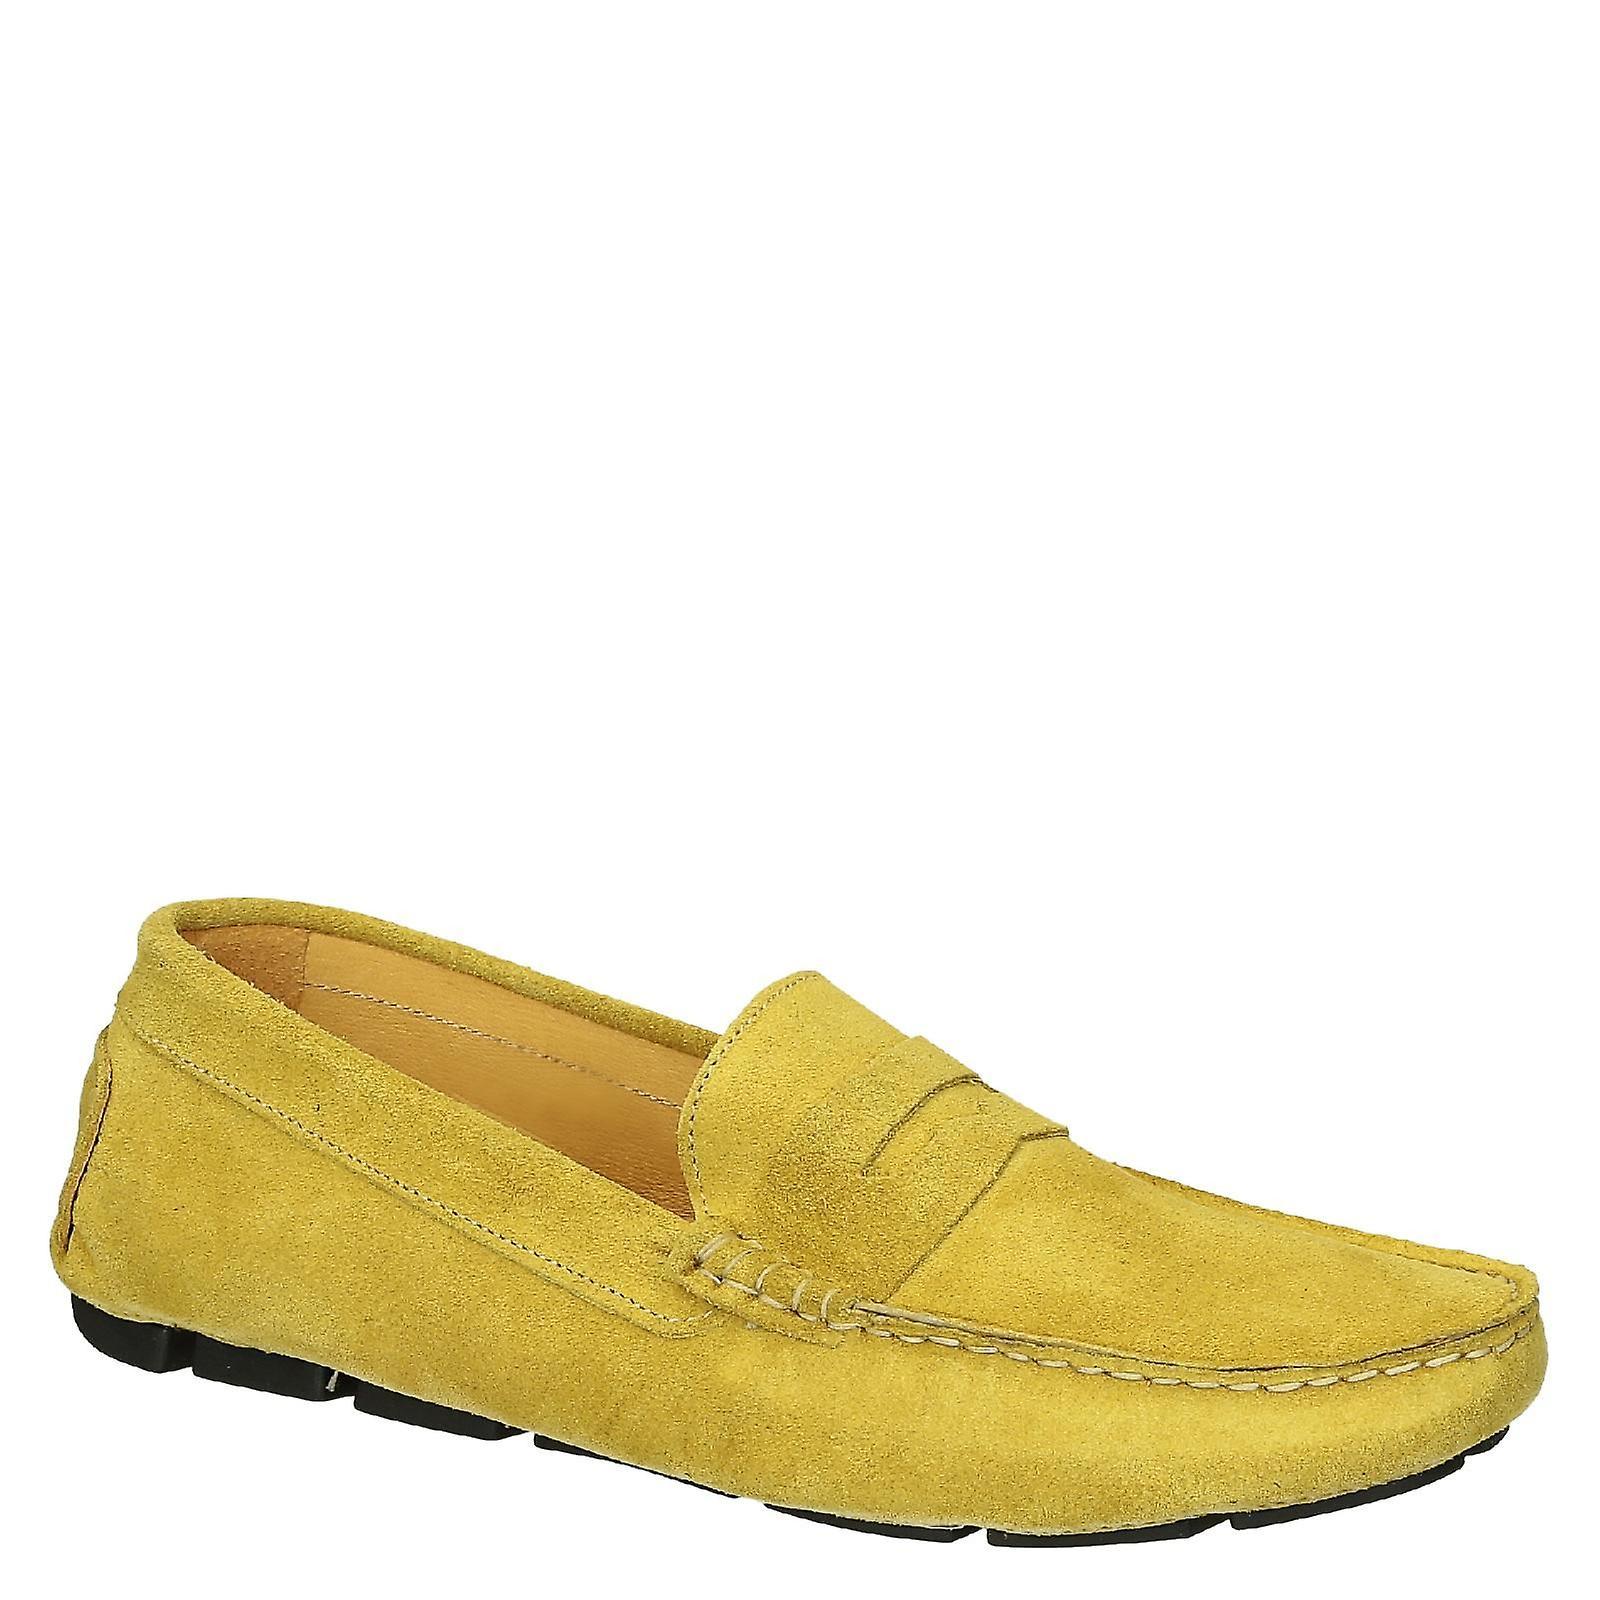 giallo suede leather driving moccasins scarpe for men | Prezzo Pazzesco  | Uomini/Donne Scarpa